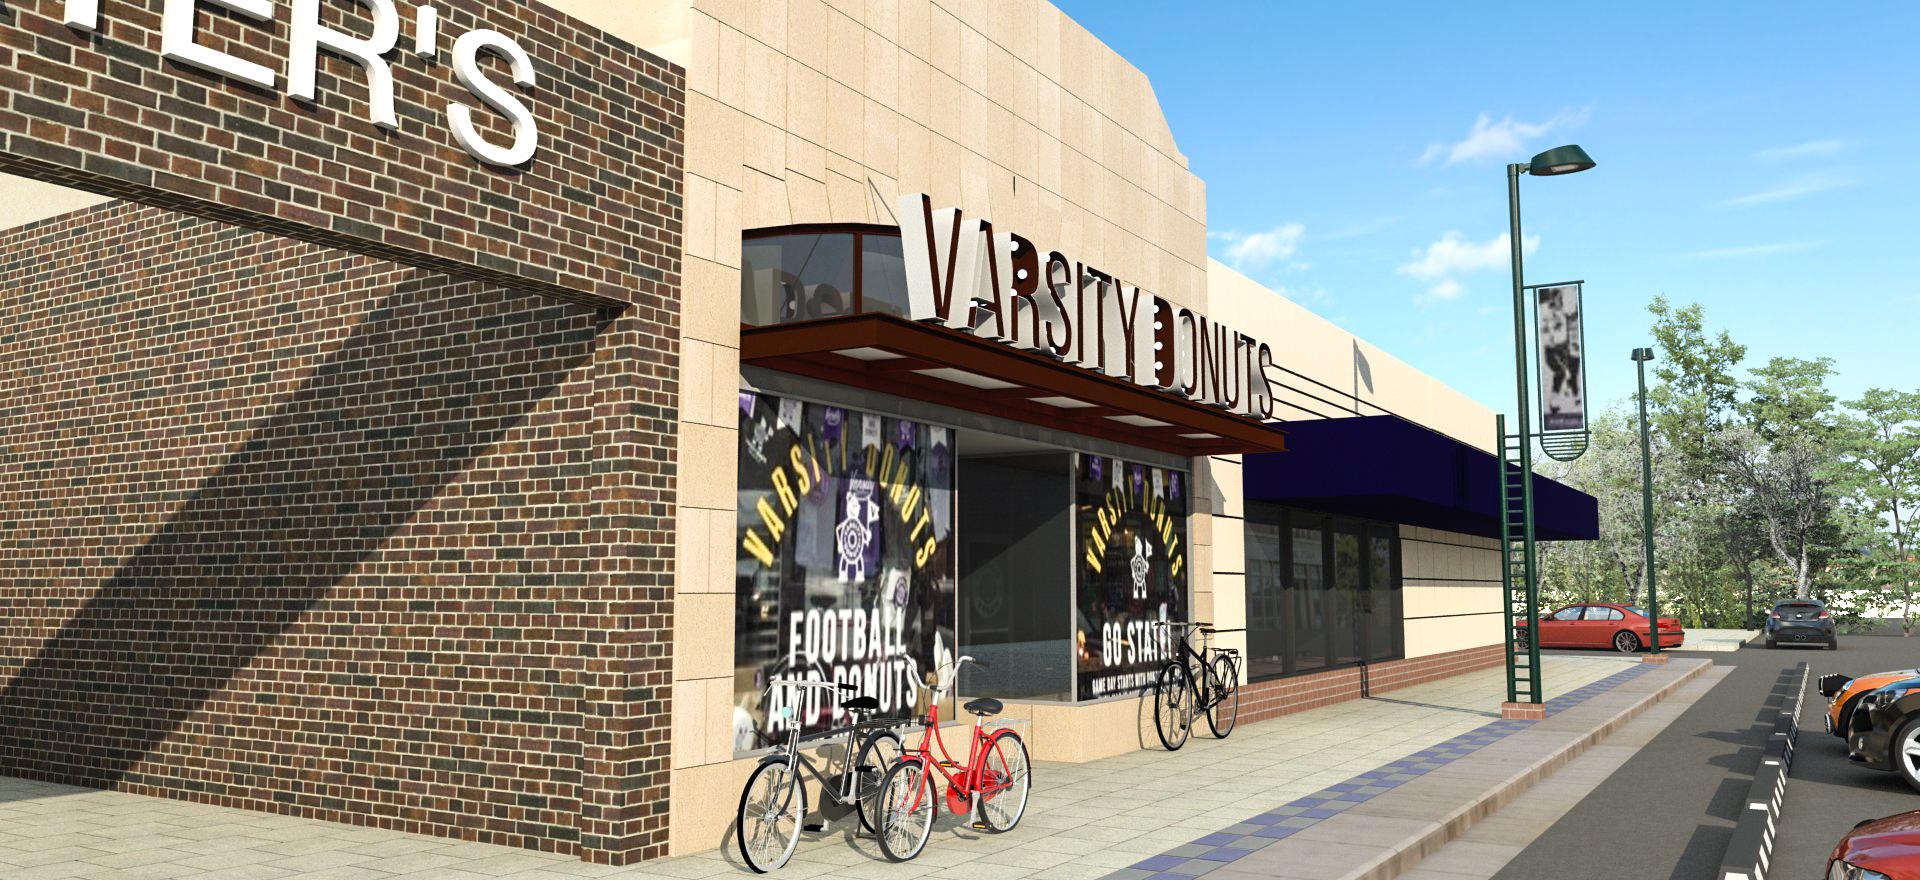 Varsity2-Scene 4.jpg